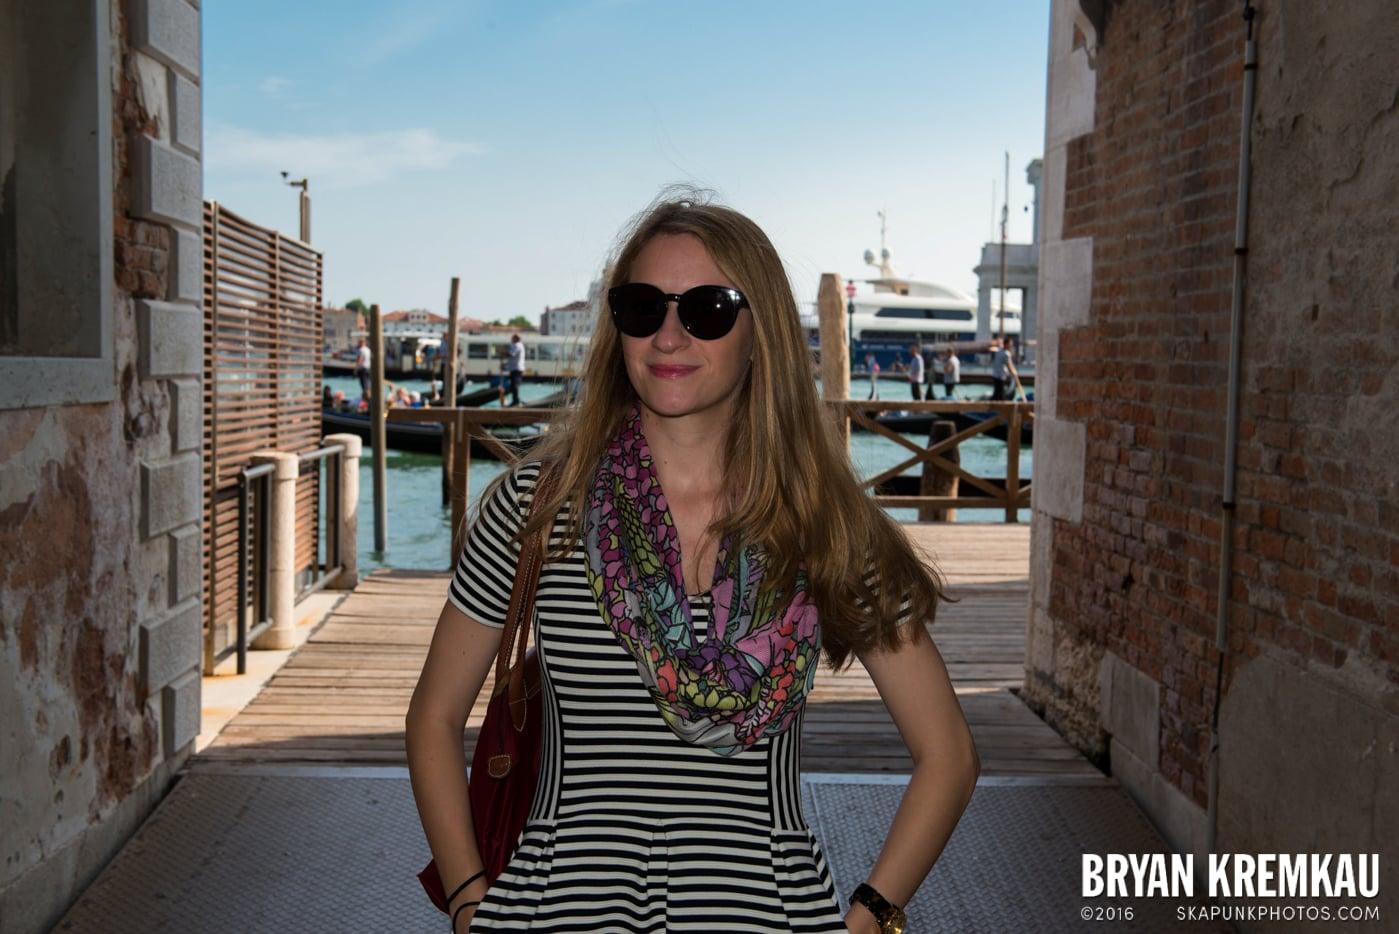 Italy Vacation - Day 5: Venice - 9.13.13 (37)